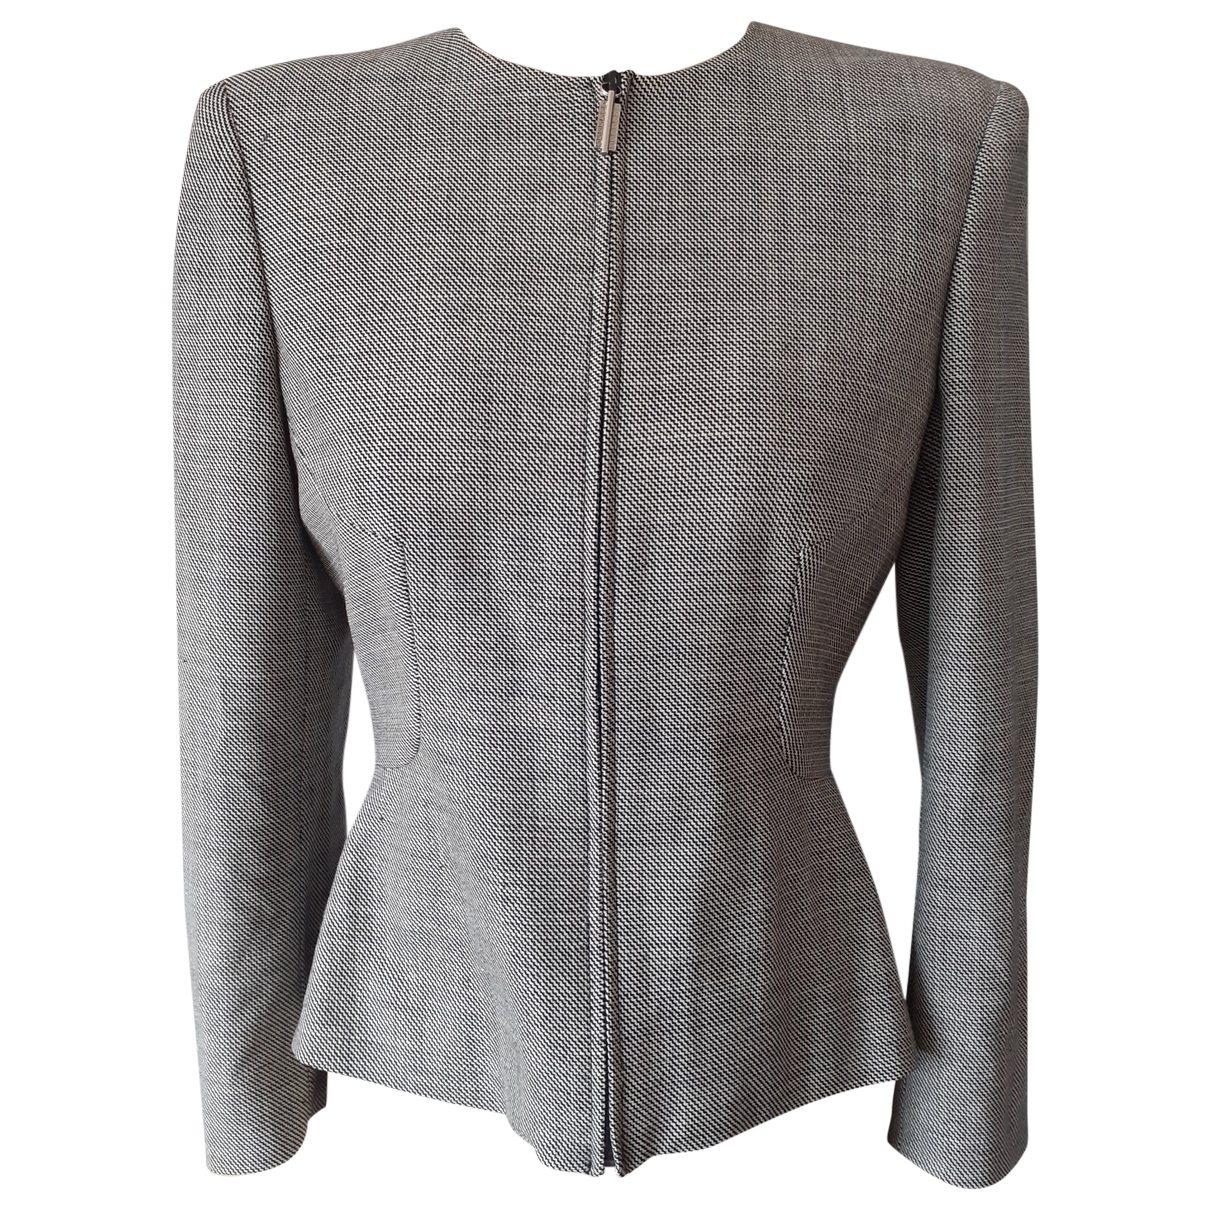 Versace \N Jacke in  Grau Wolle